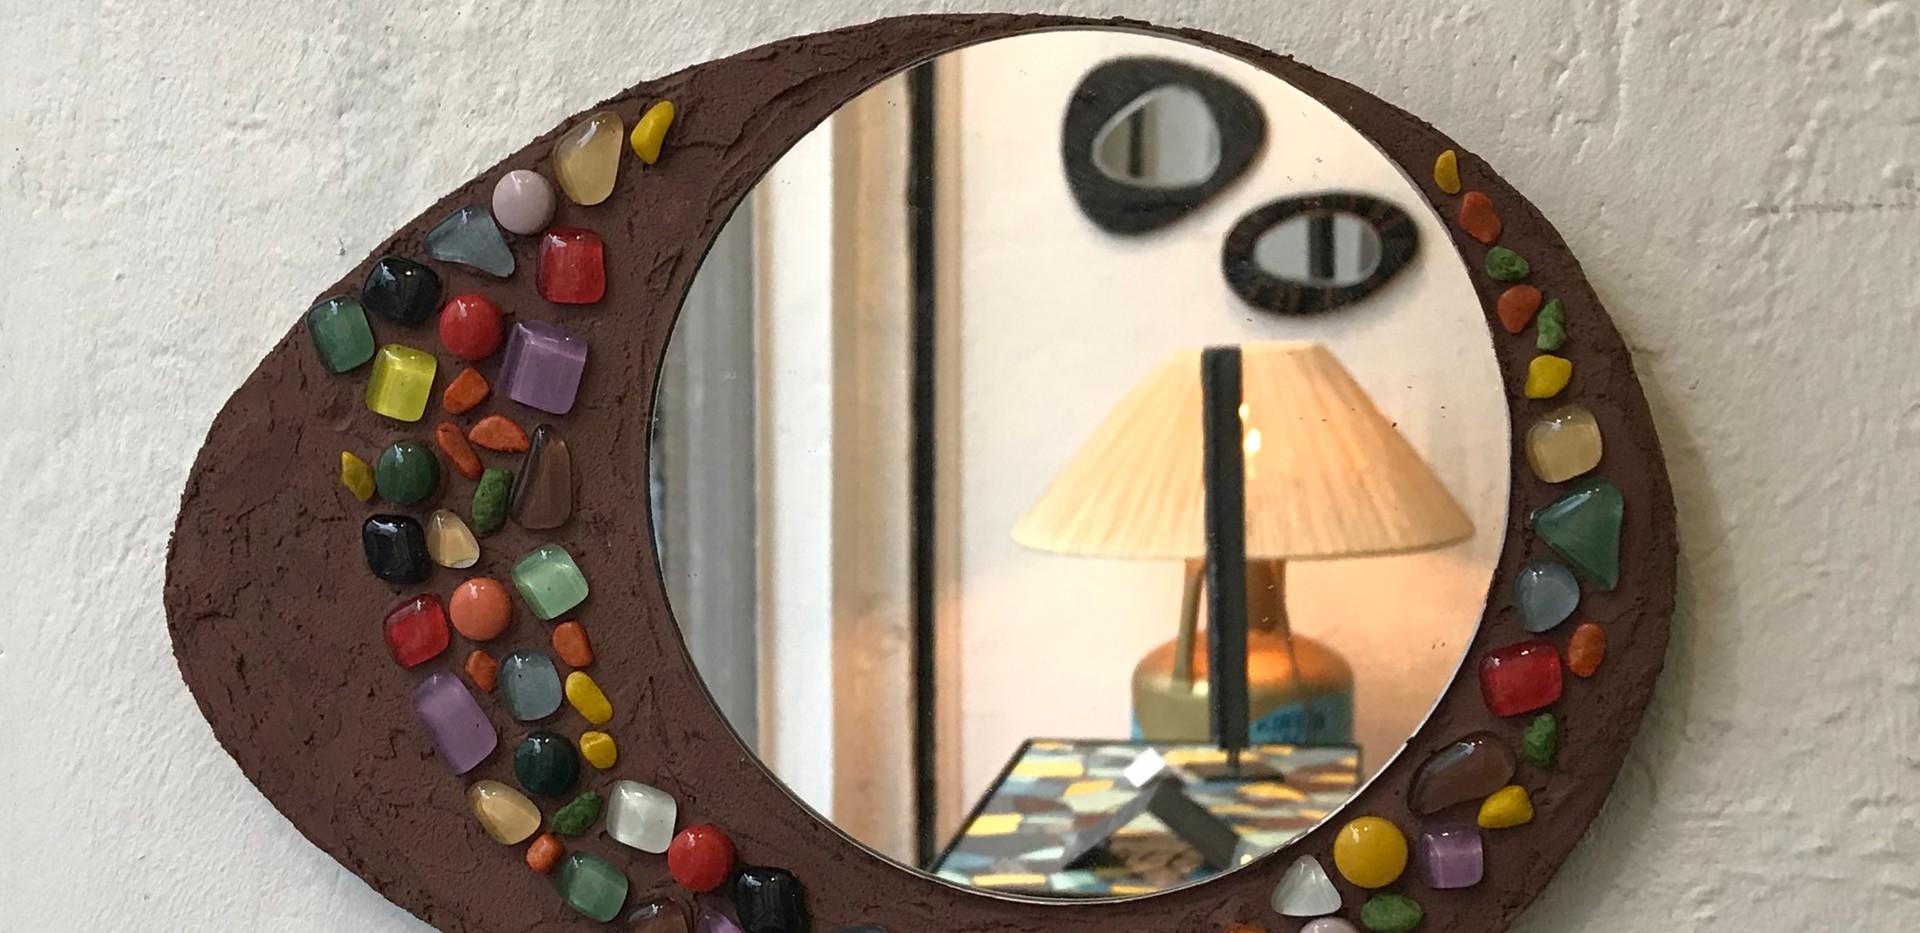 Miroir rond sur un support forme galet, jeu de mortier coloré et tesselles de verre